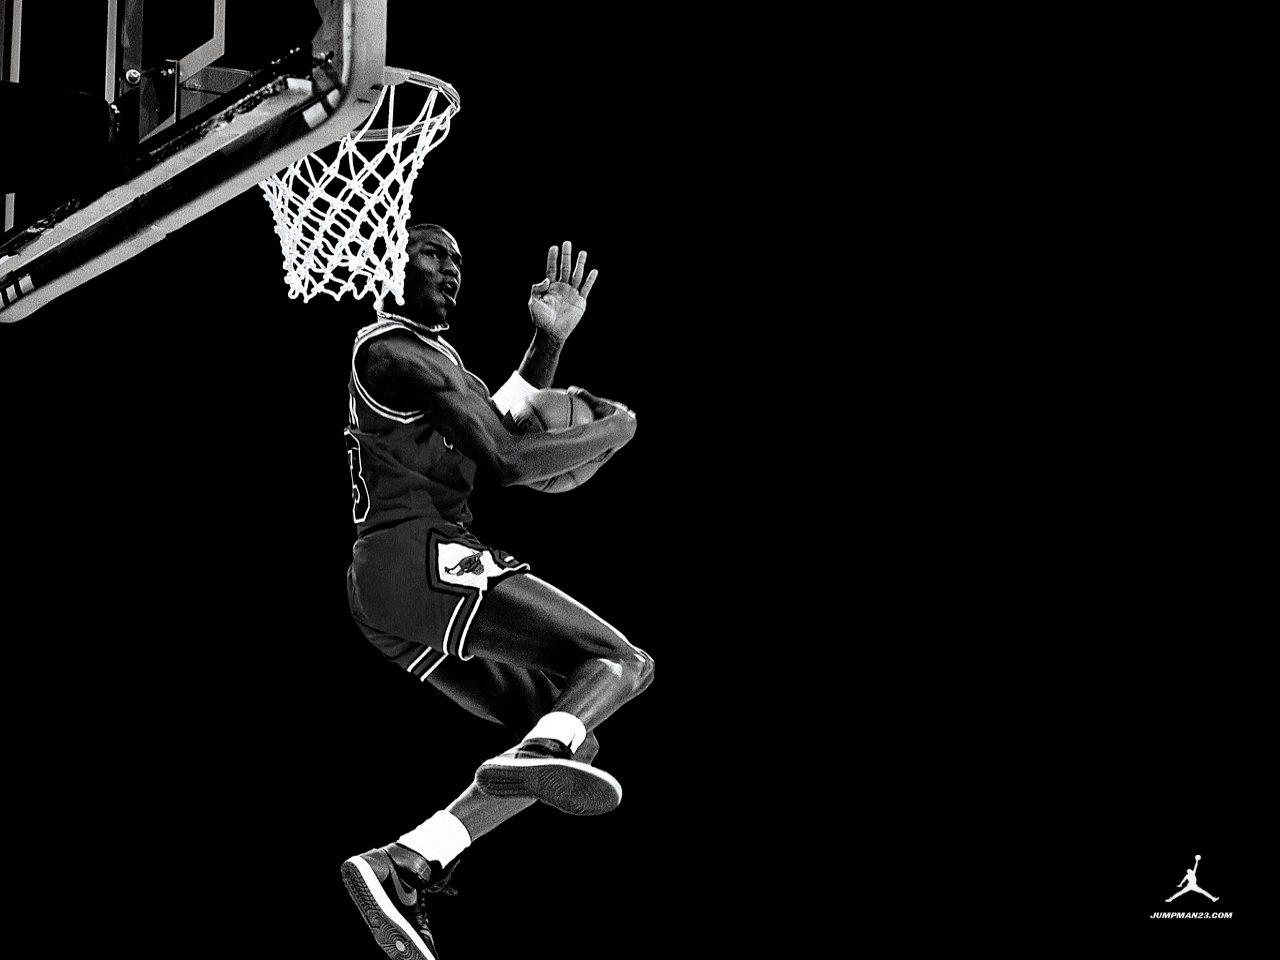 Michael Jordan Wallpapers 1080p Group (77+)